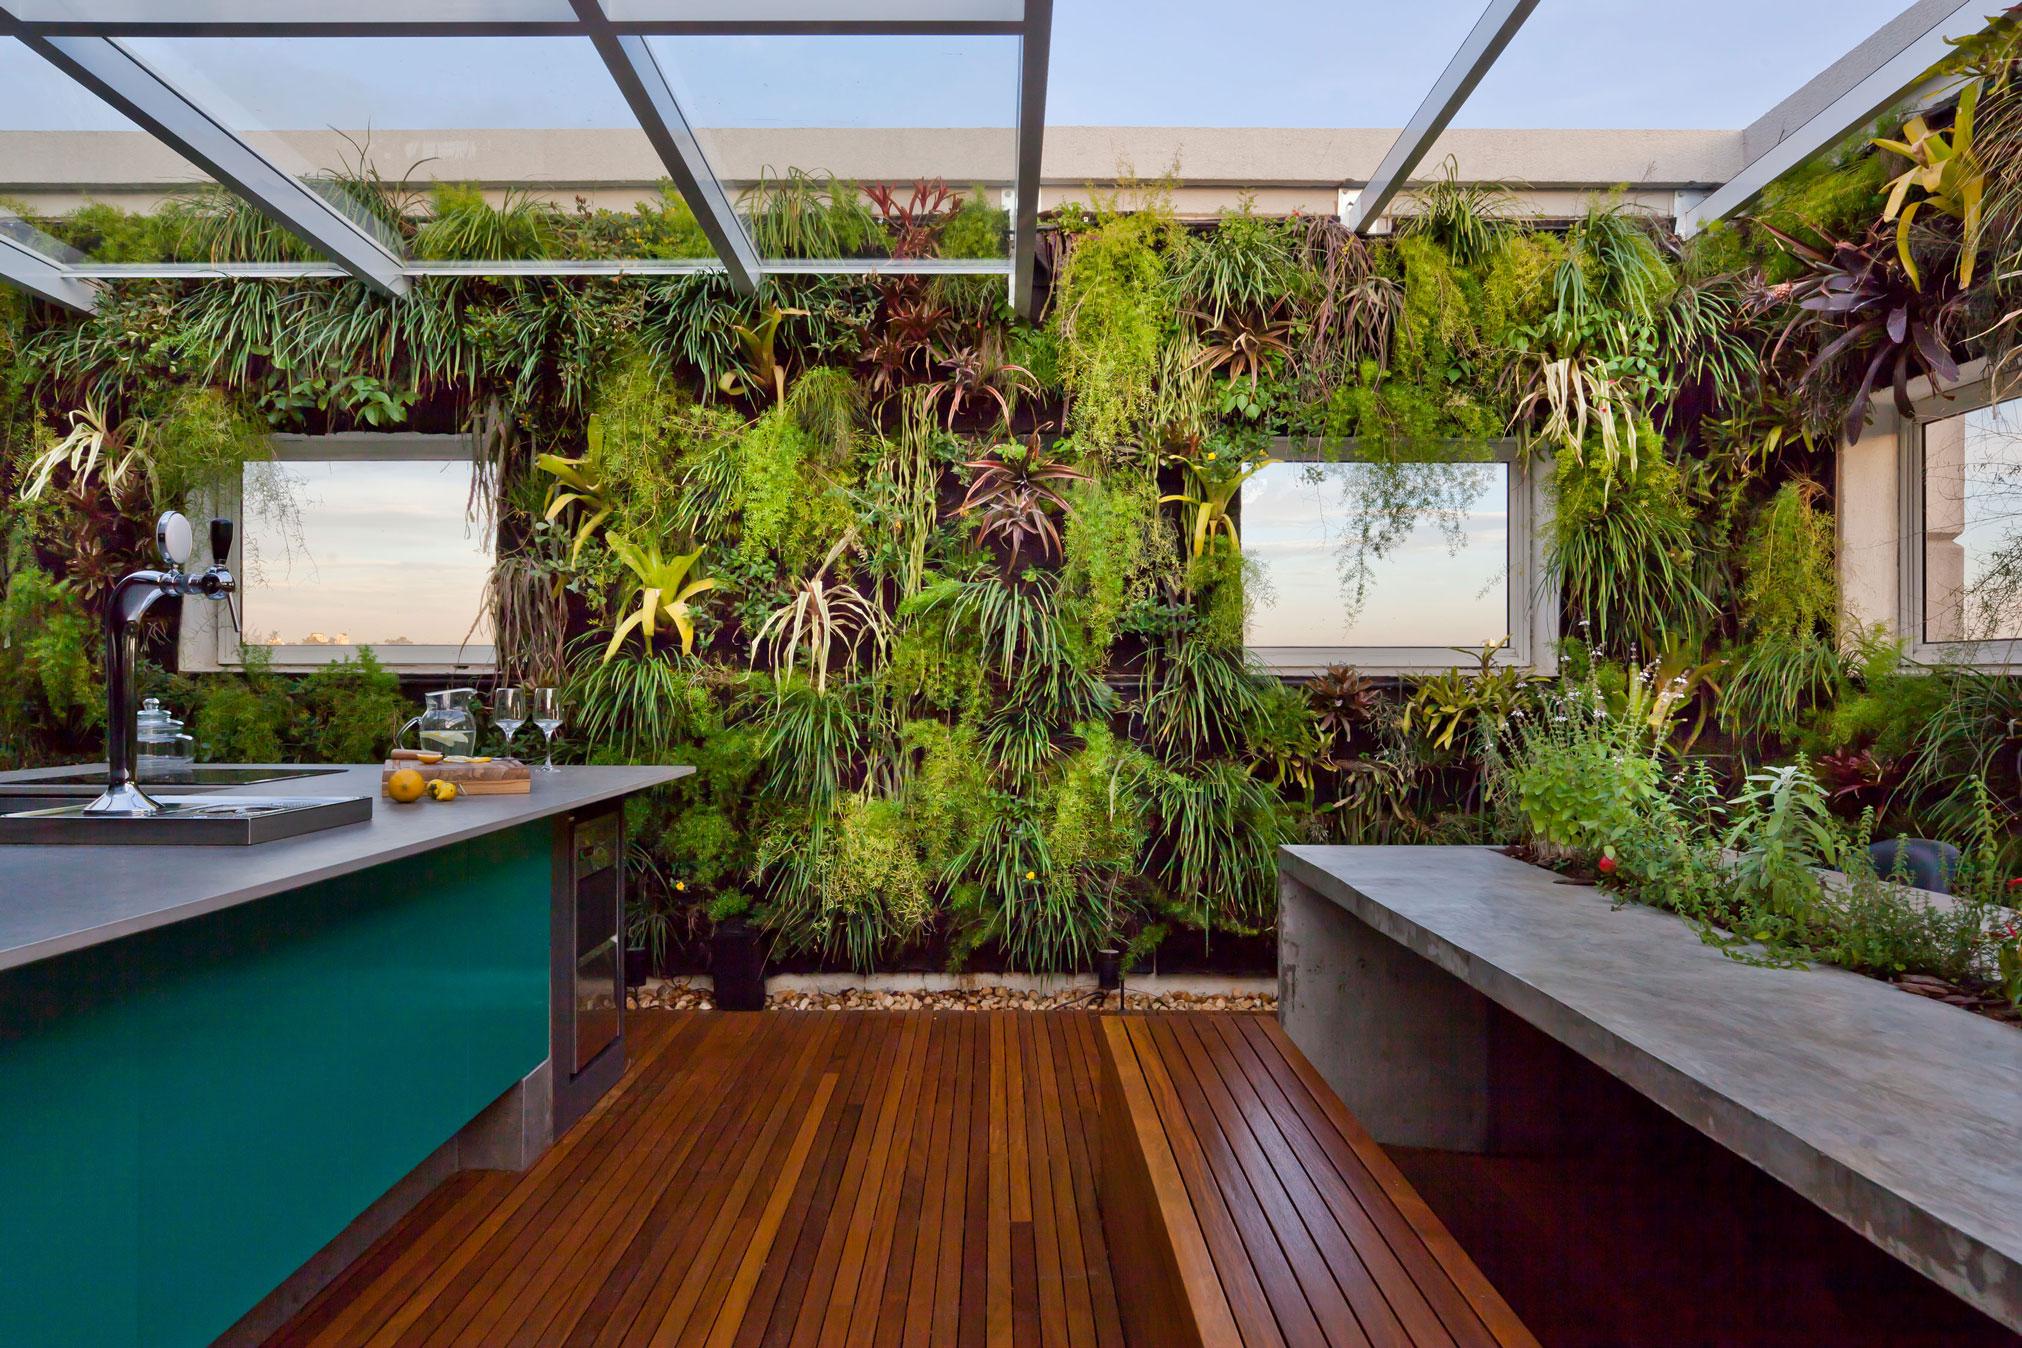 terraço-cobertura-de-vidro-e-jardim-vertical-por-casa-14-arquitetura